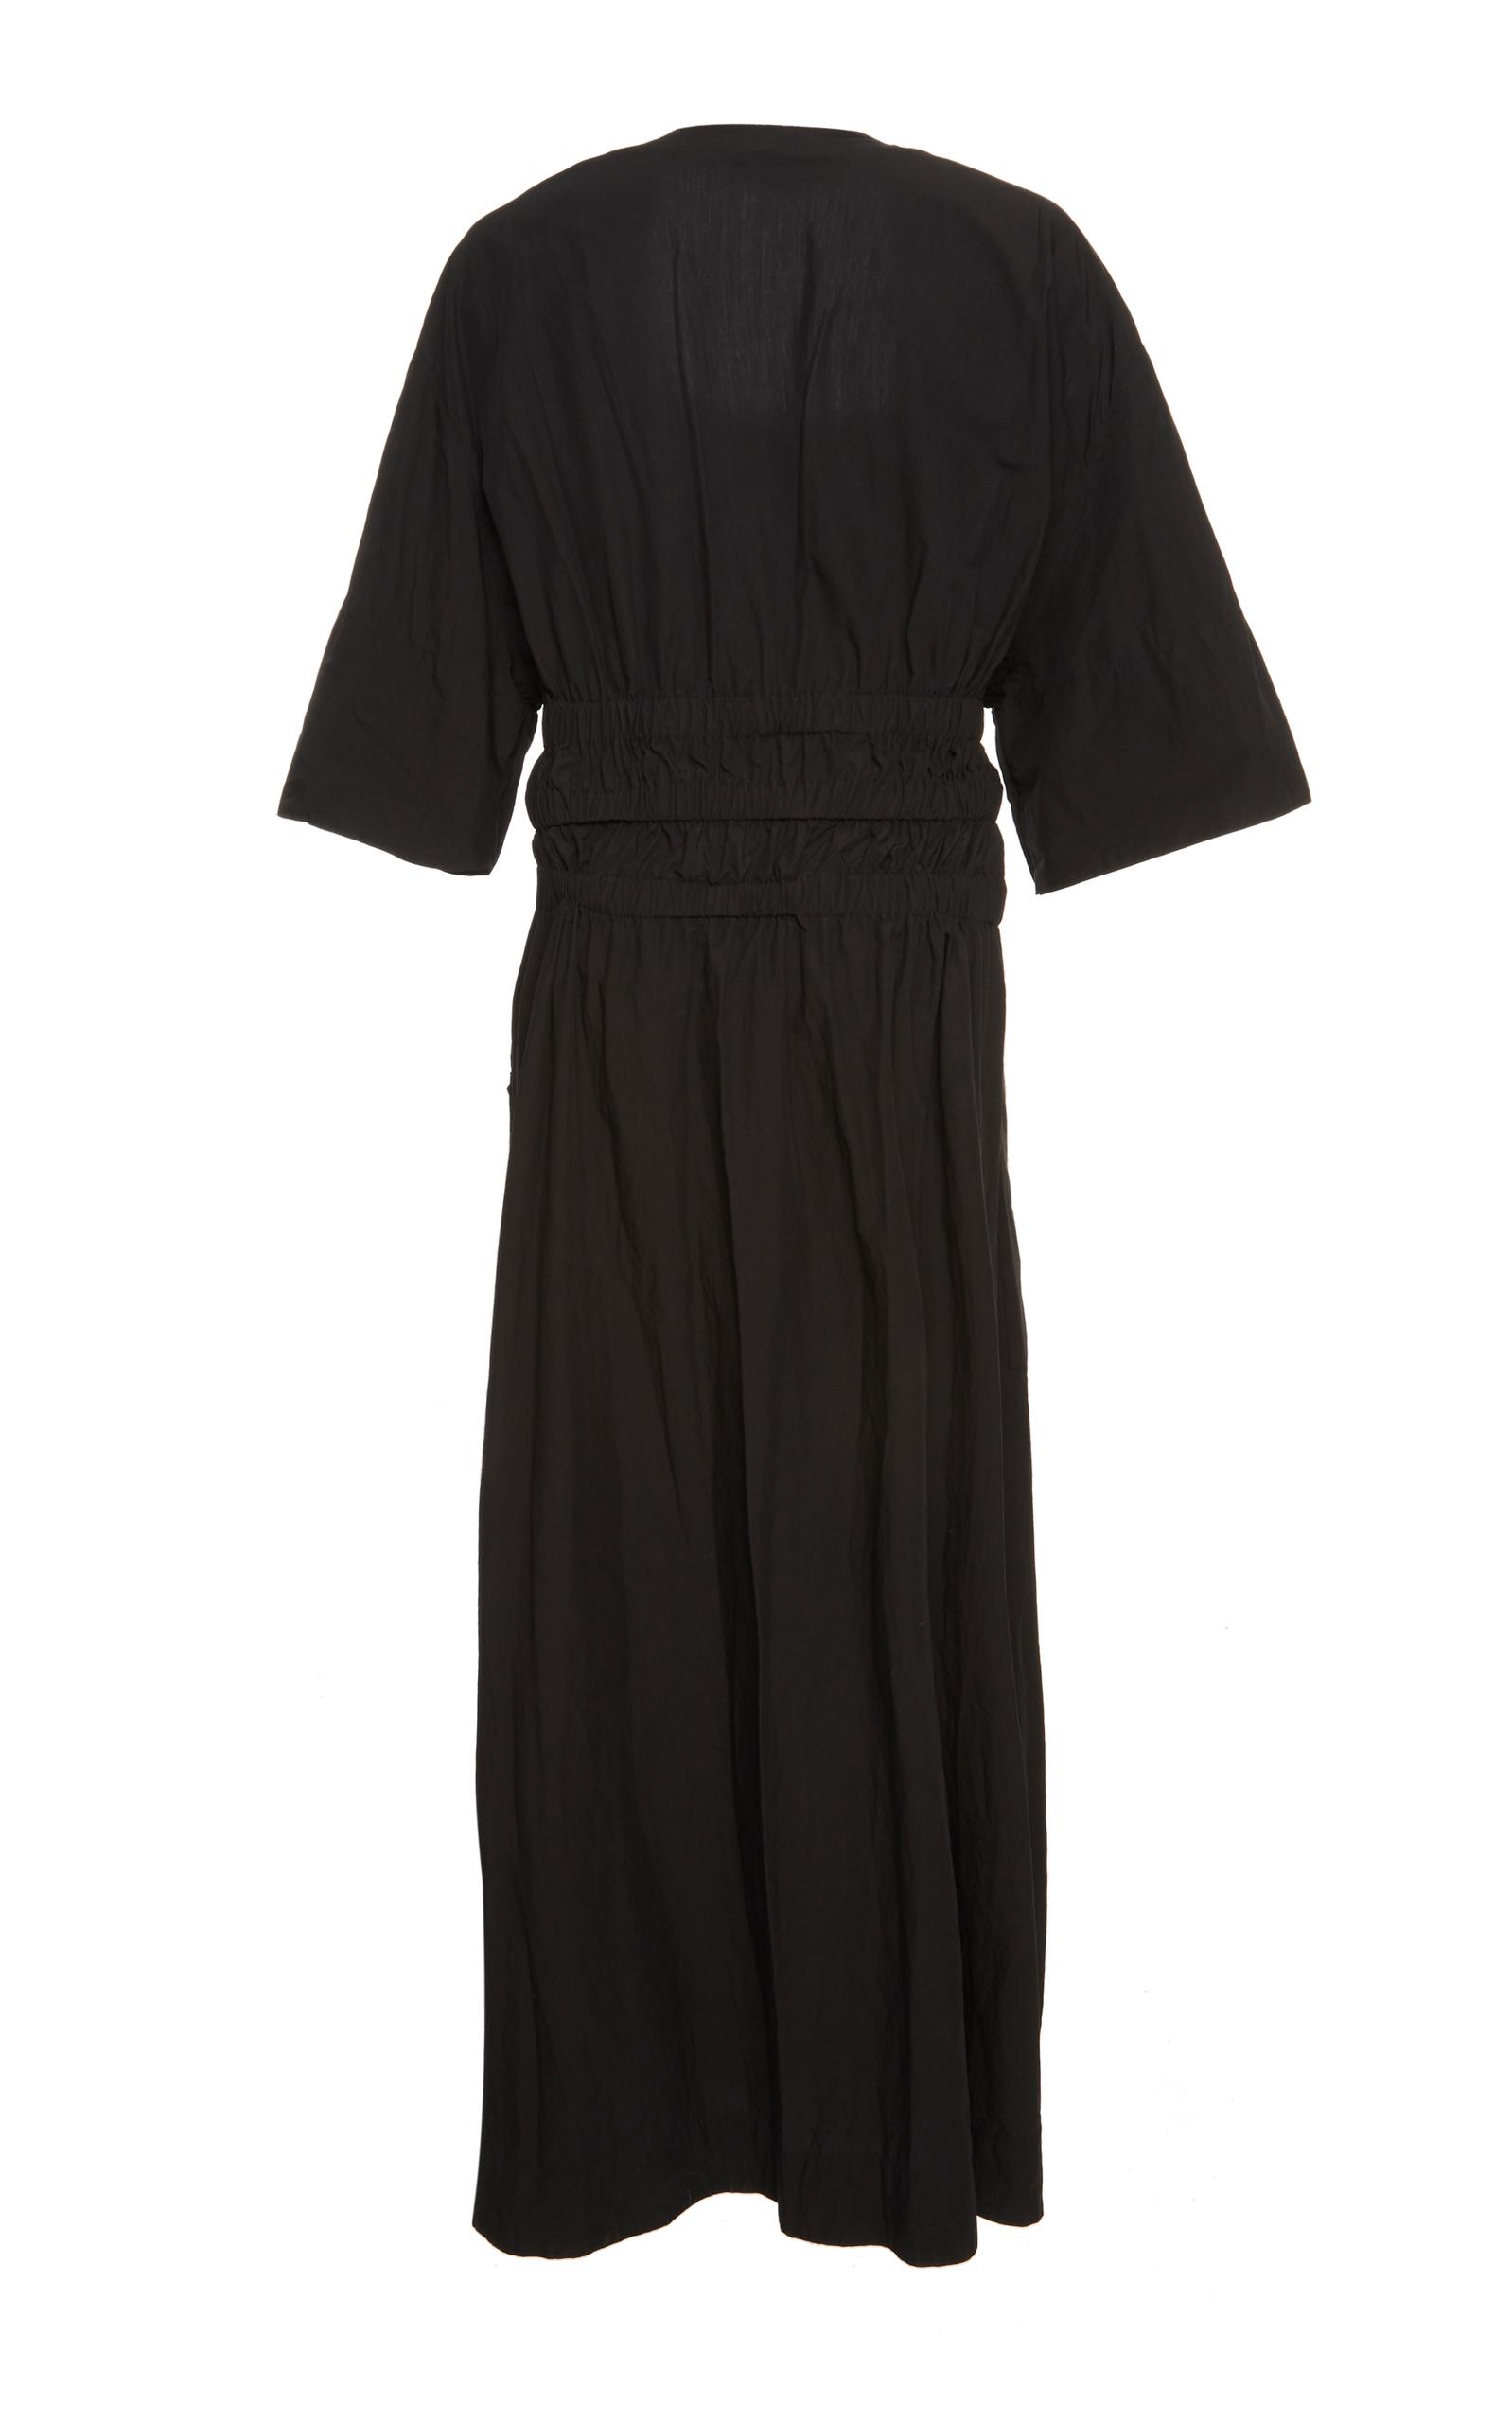 6c83852709e Airy Poplin Cotton Maxi Dress by Tomas Maier